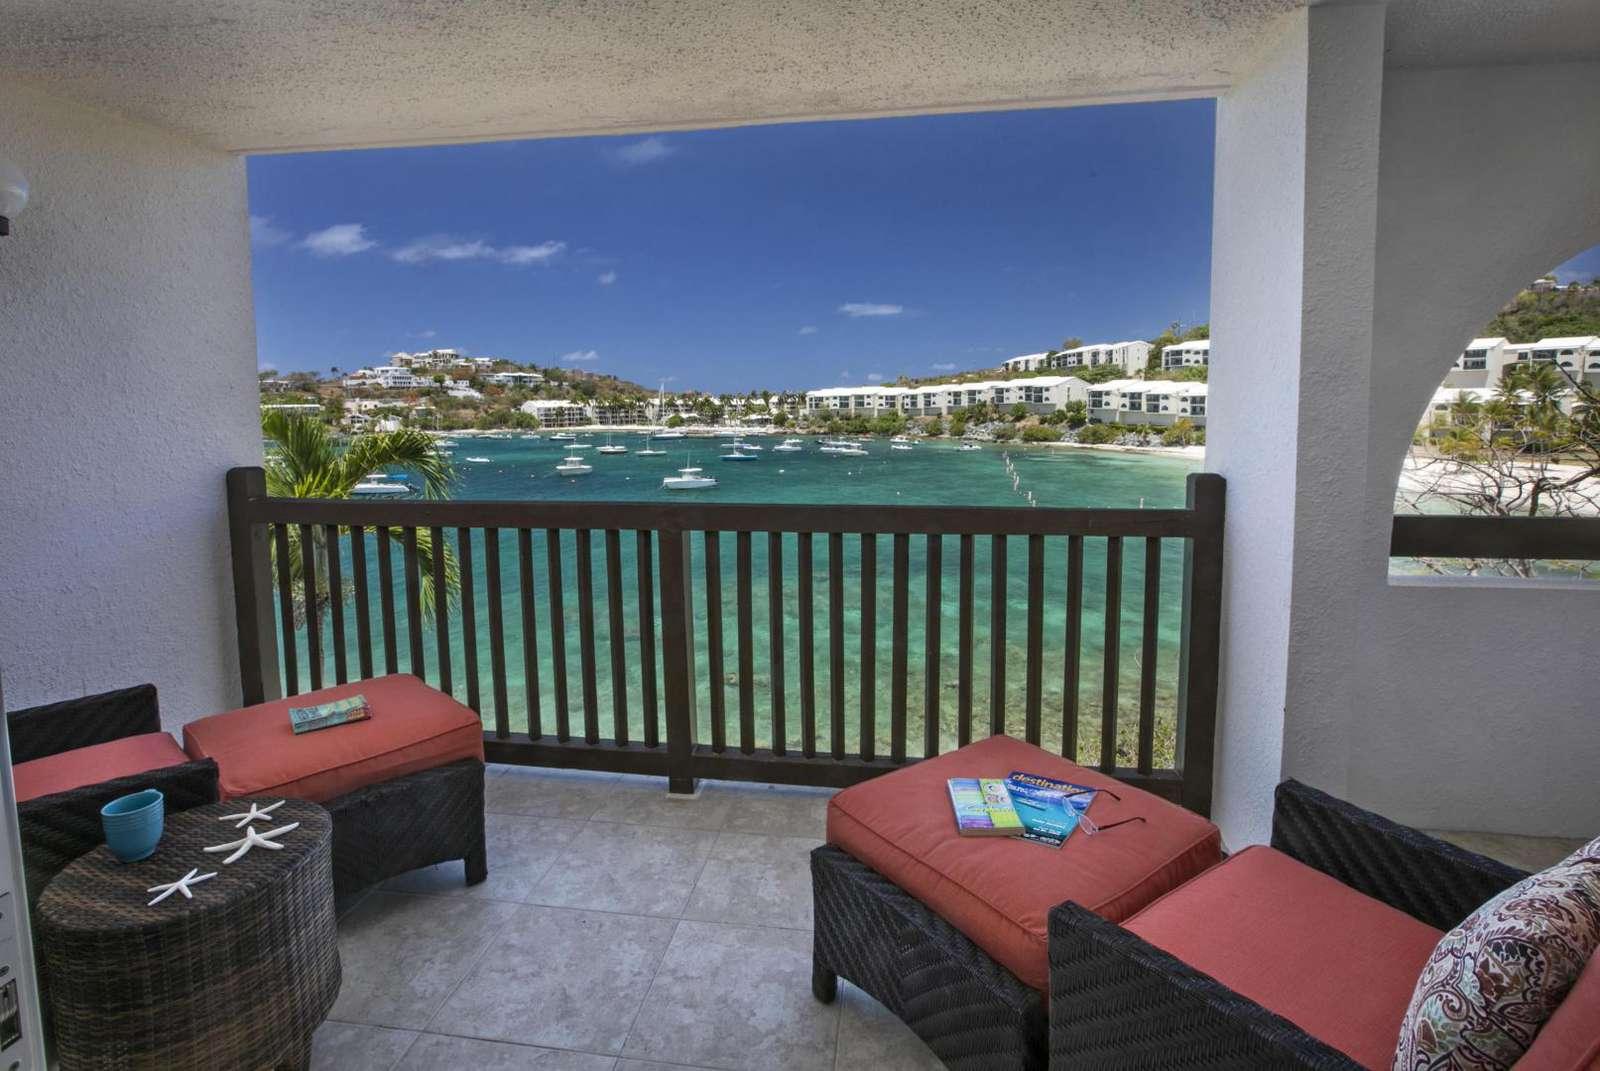 Amazing Patio View! - property